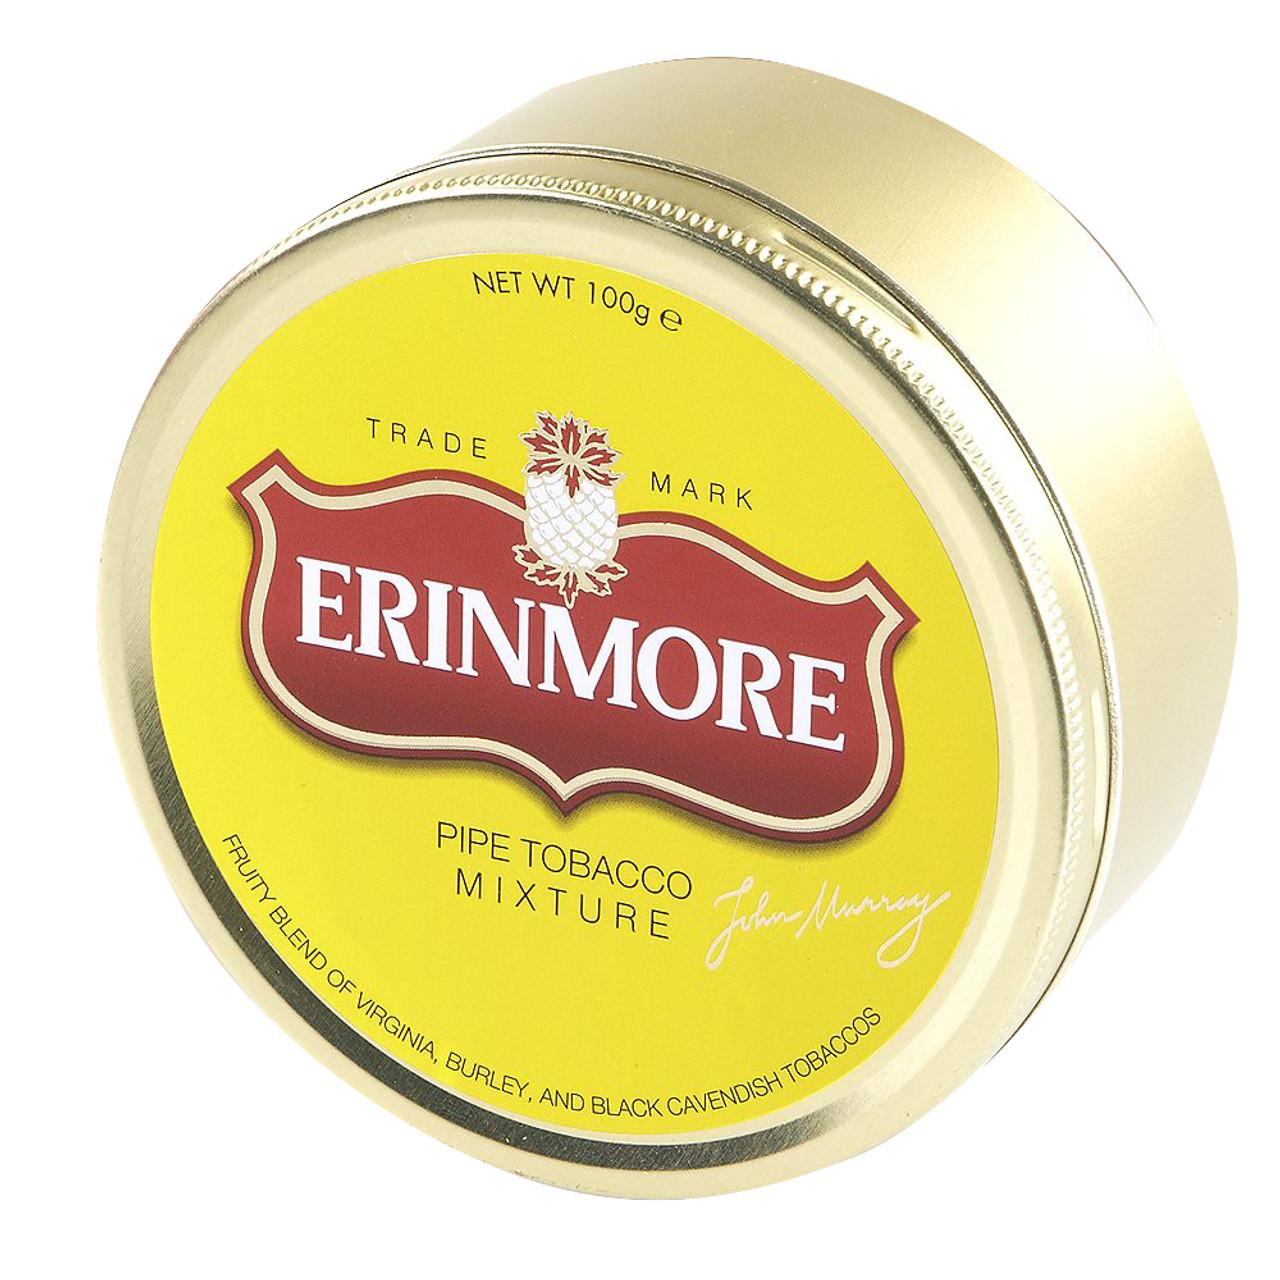 Erinmore Mixture Pipe Tobacco | 3.5 OZ TIN